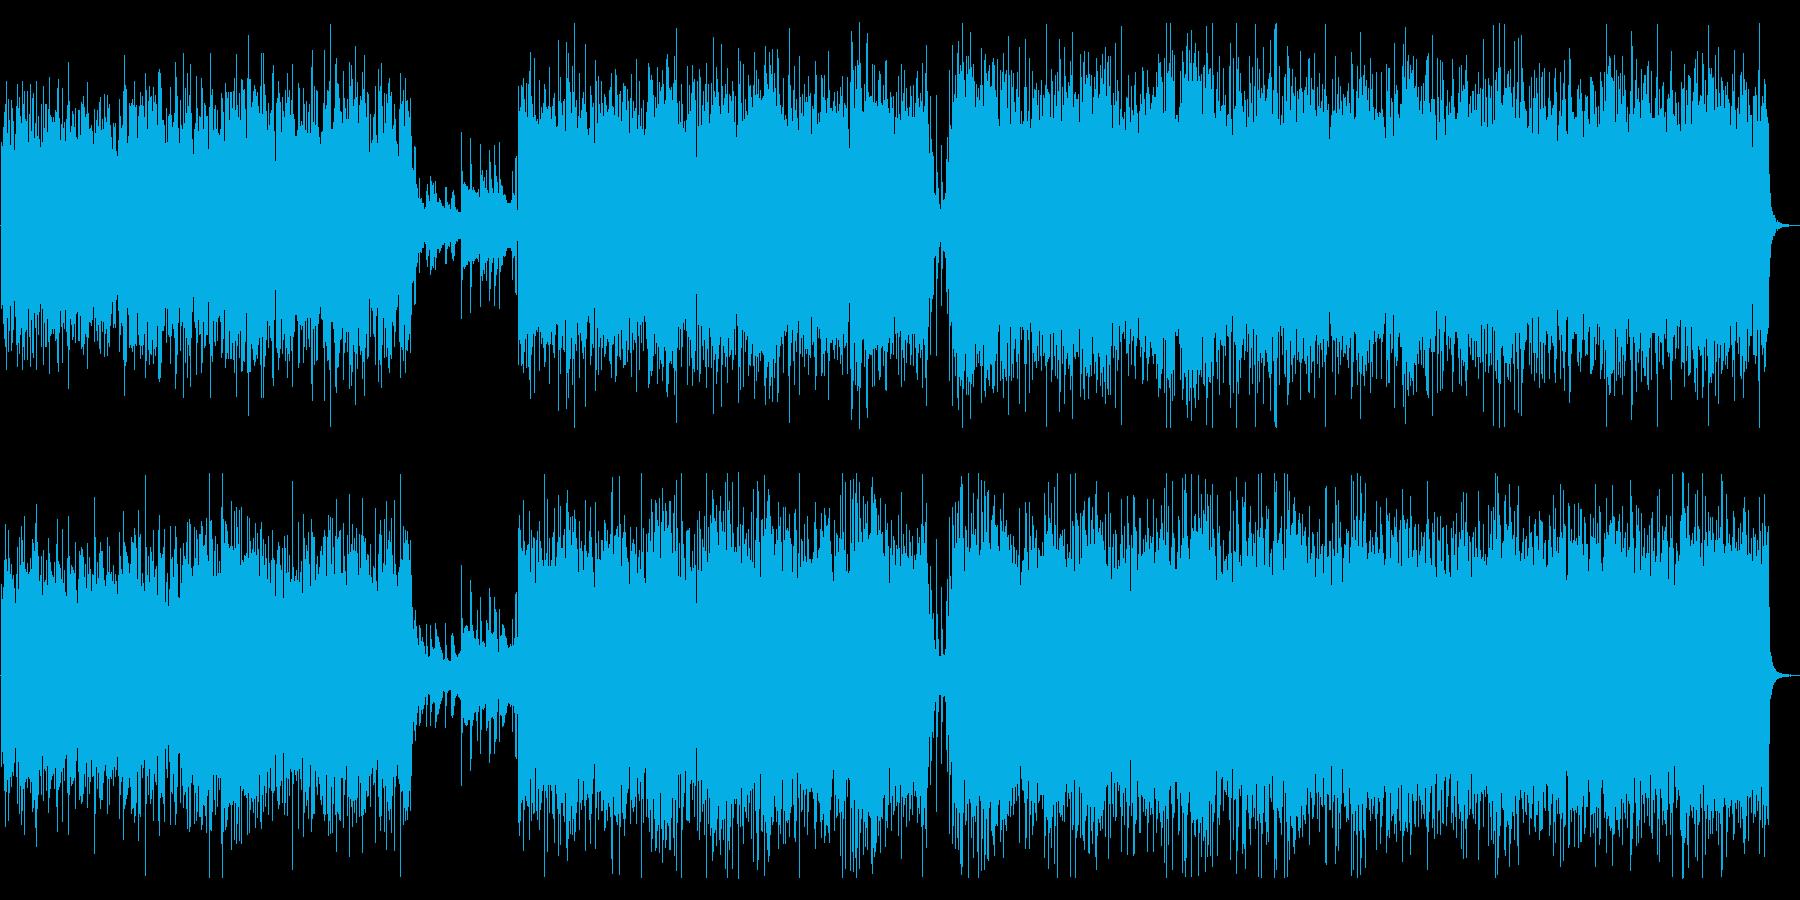 2戦闘シーンダークでヘヴィなヴァイオリンの再生済みの波形